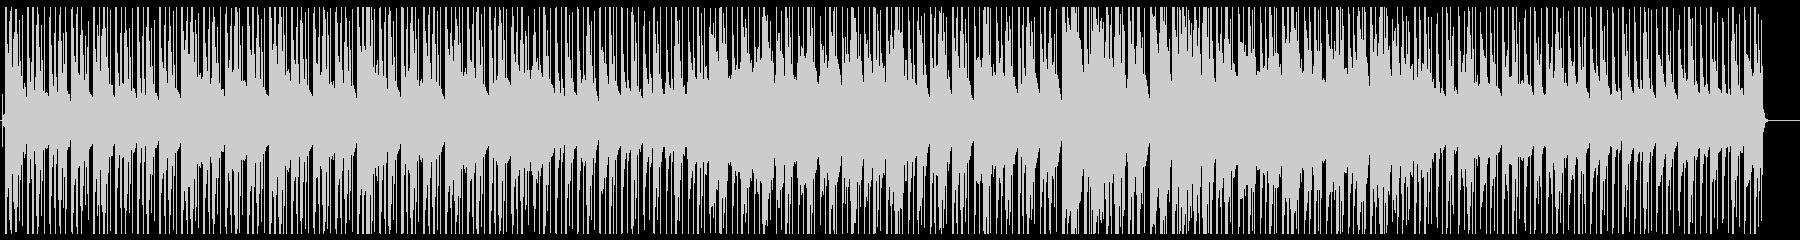 ピアノとギター・ローファイ・チルビートの未再生の波形